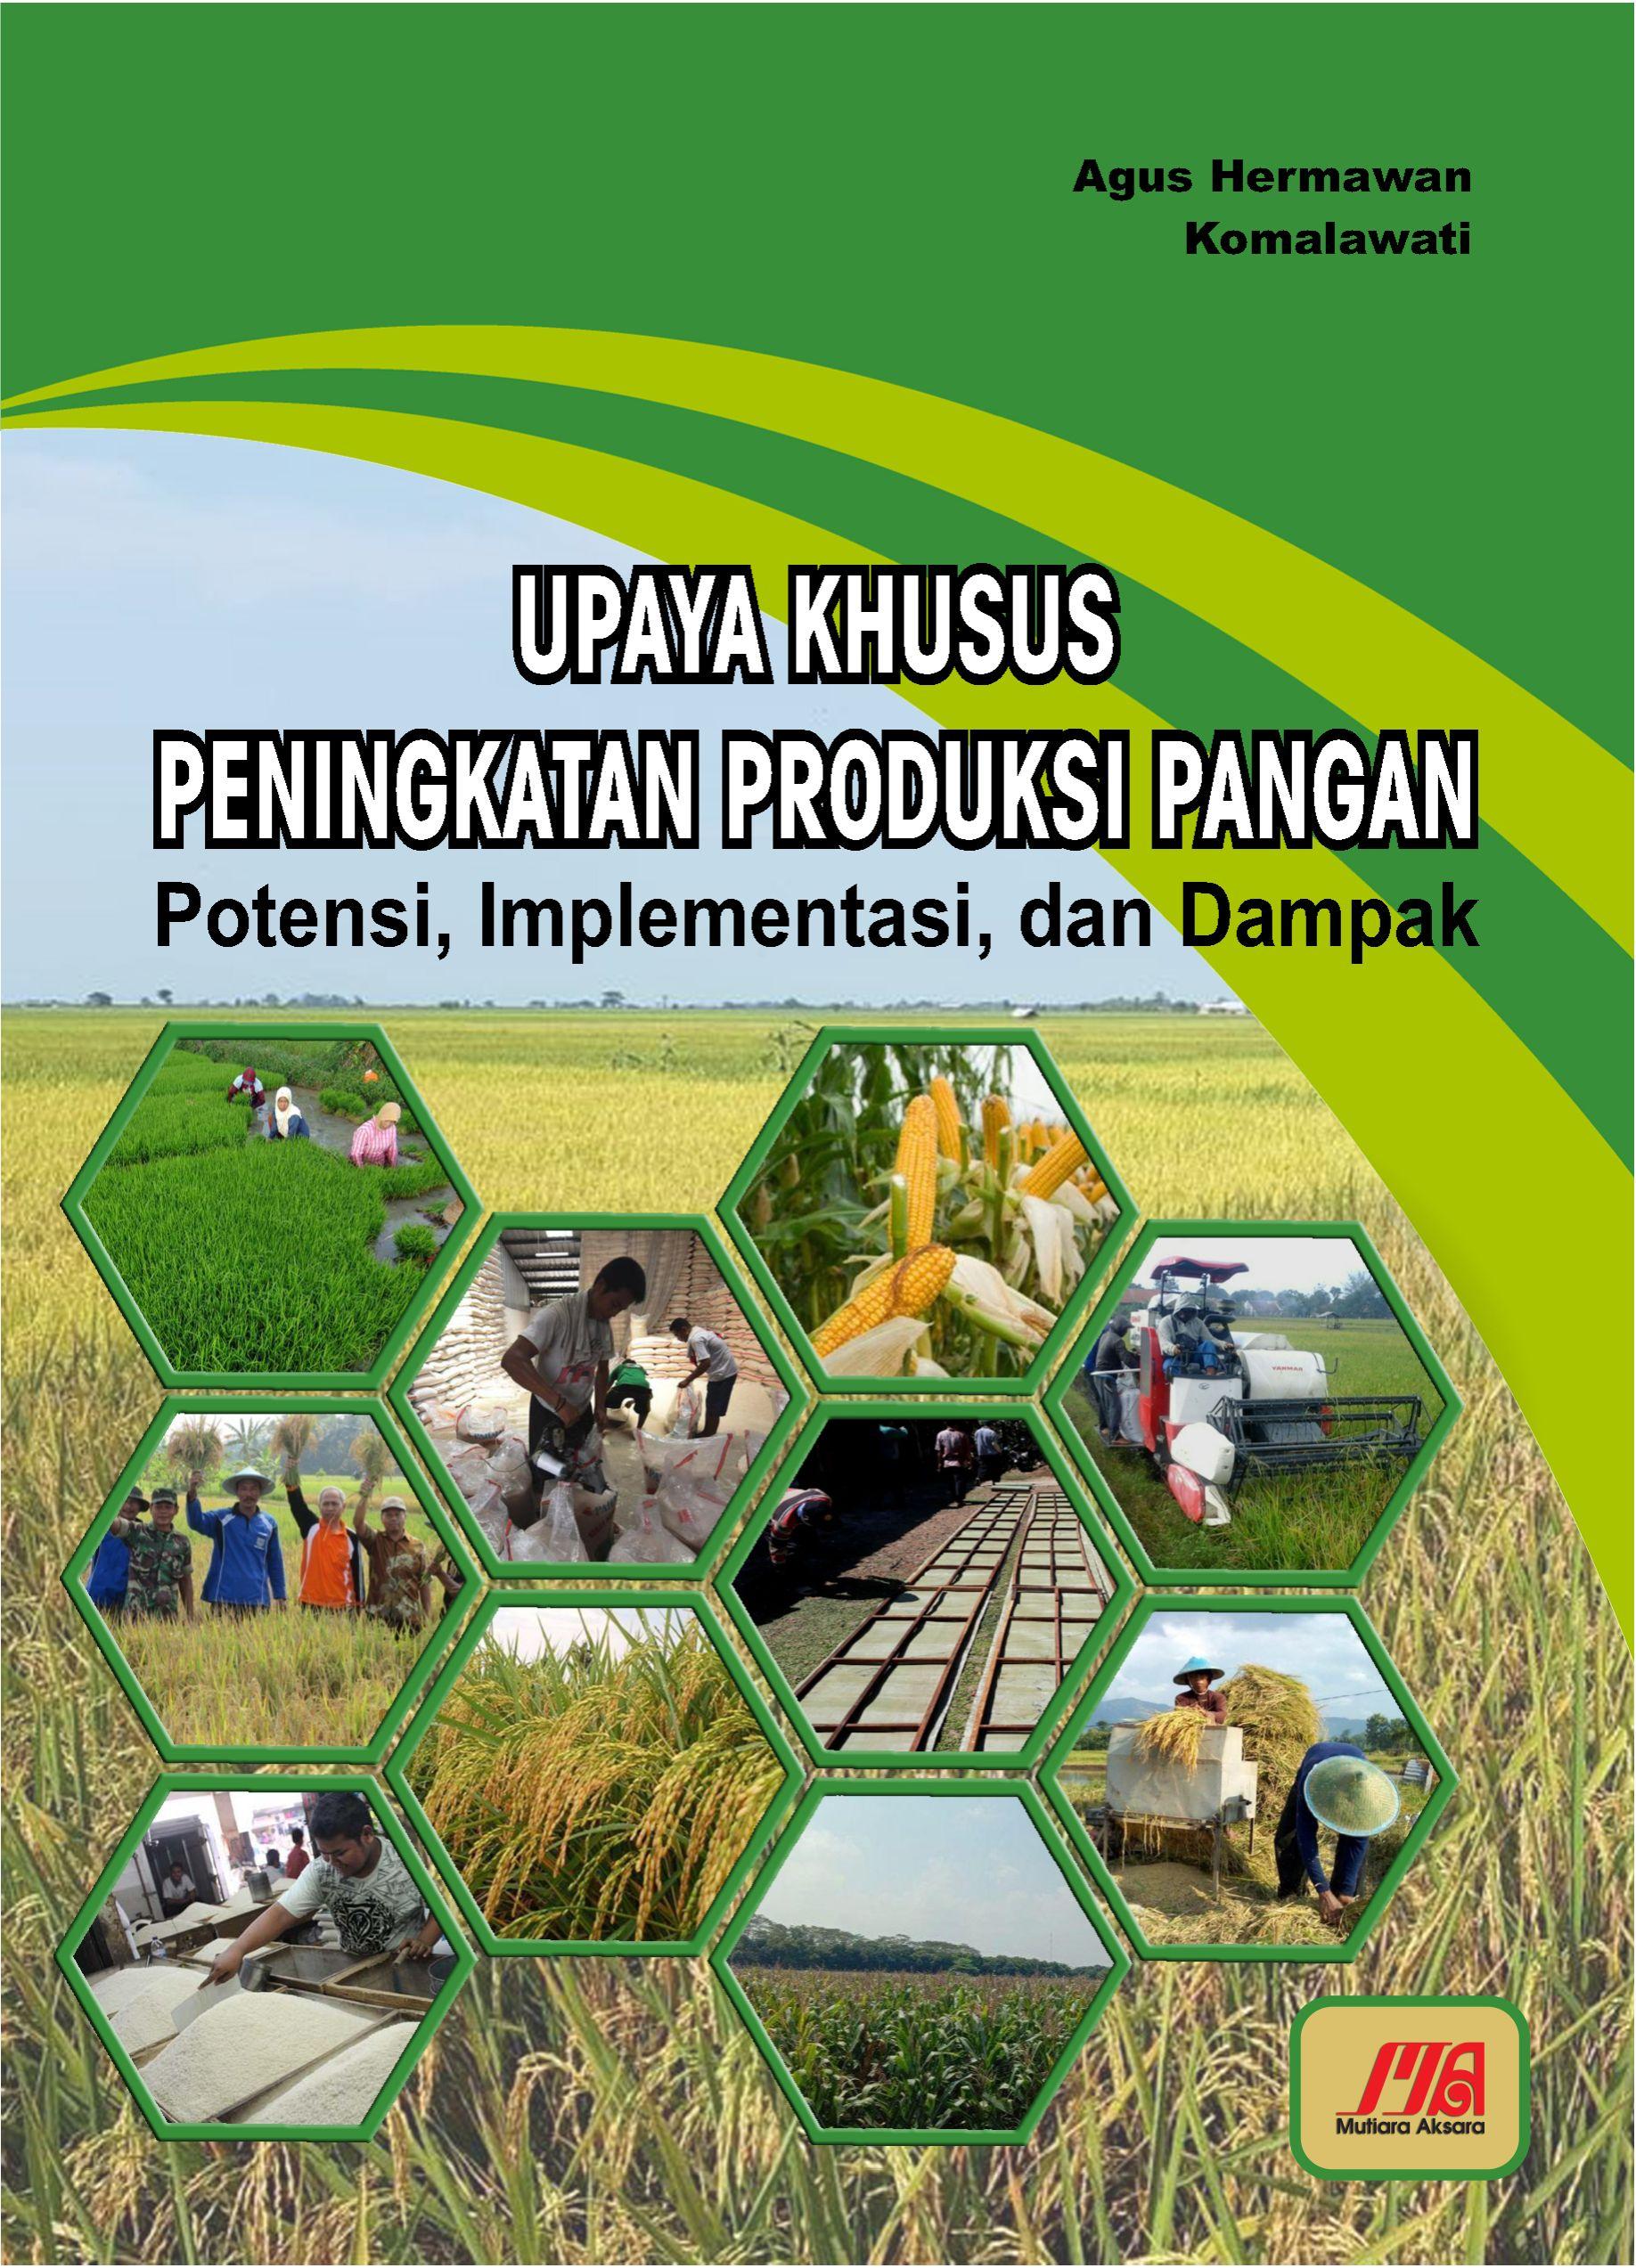 Upaya khusus peningkatan produksi pangan [sumber elektronis] :  potensi, implementasi, dan dampak